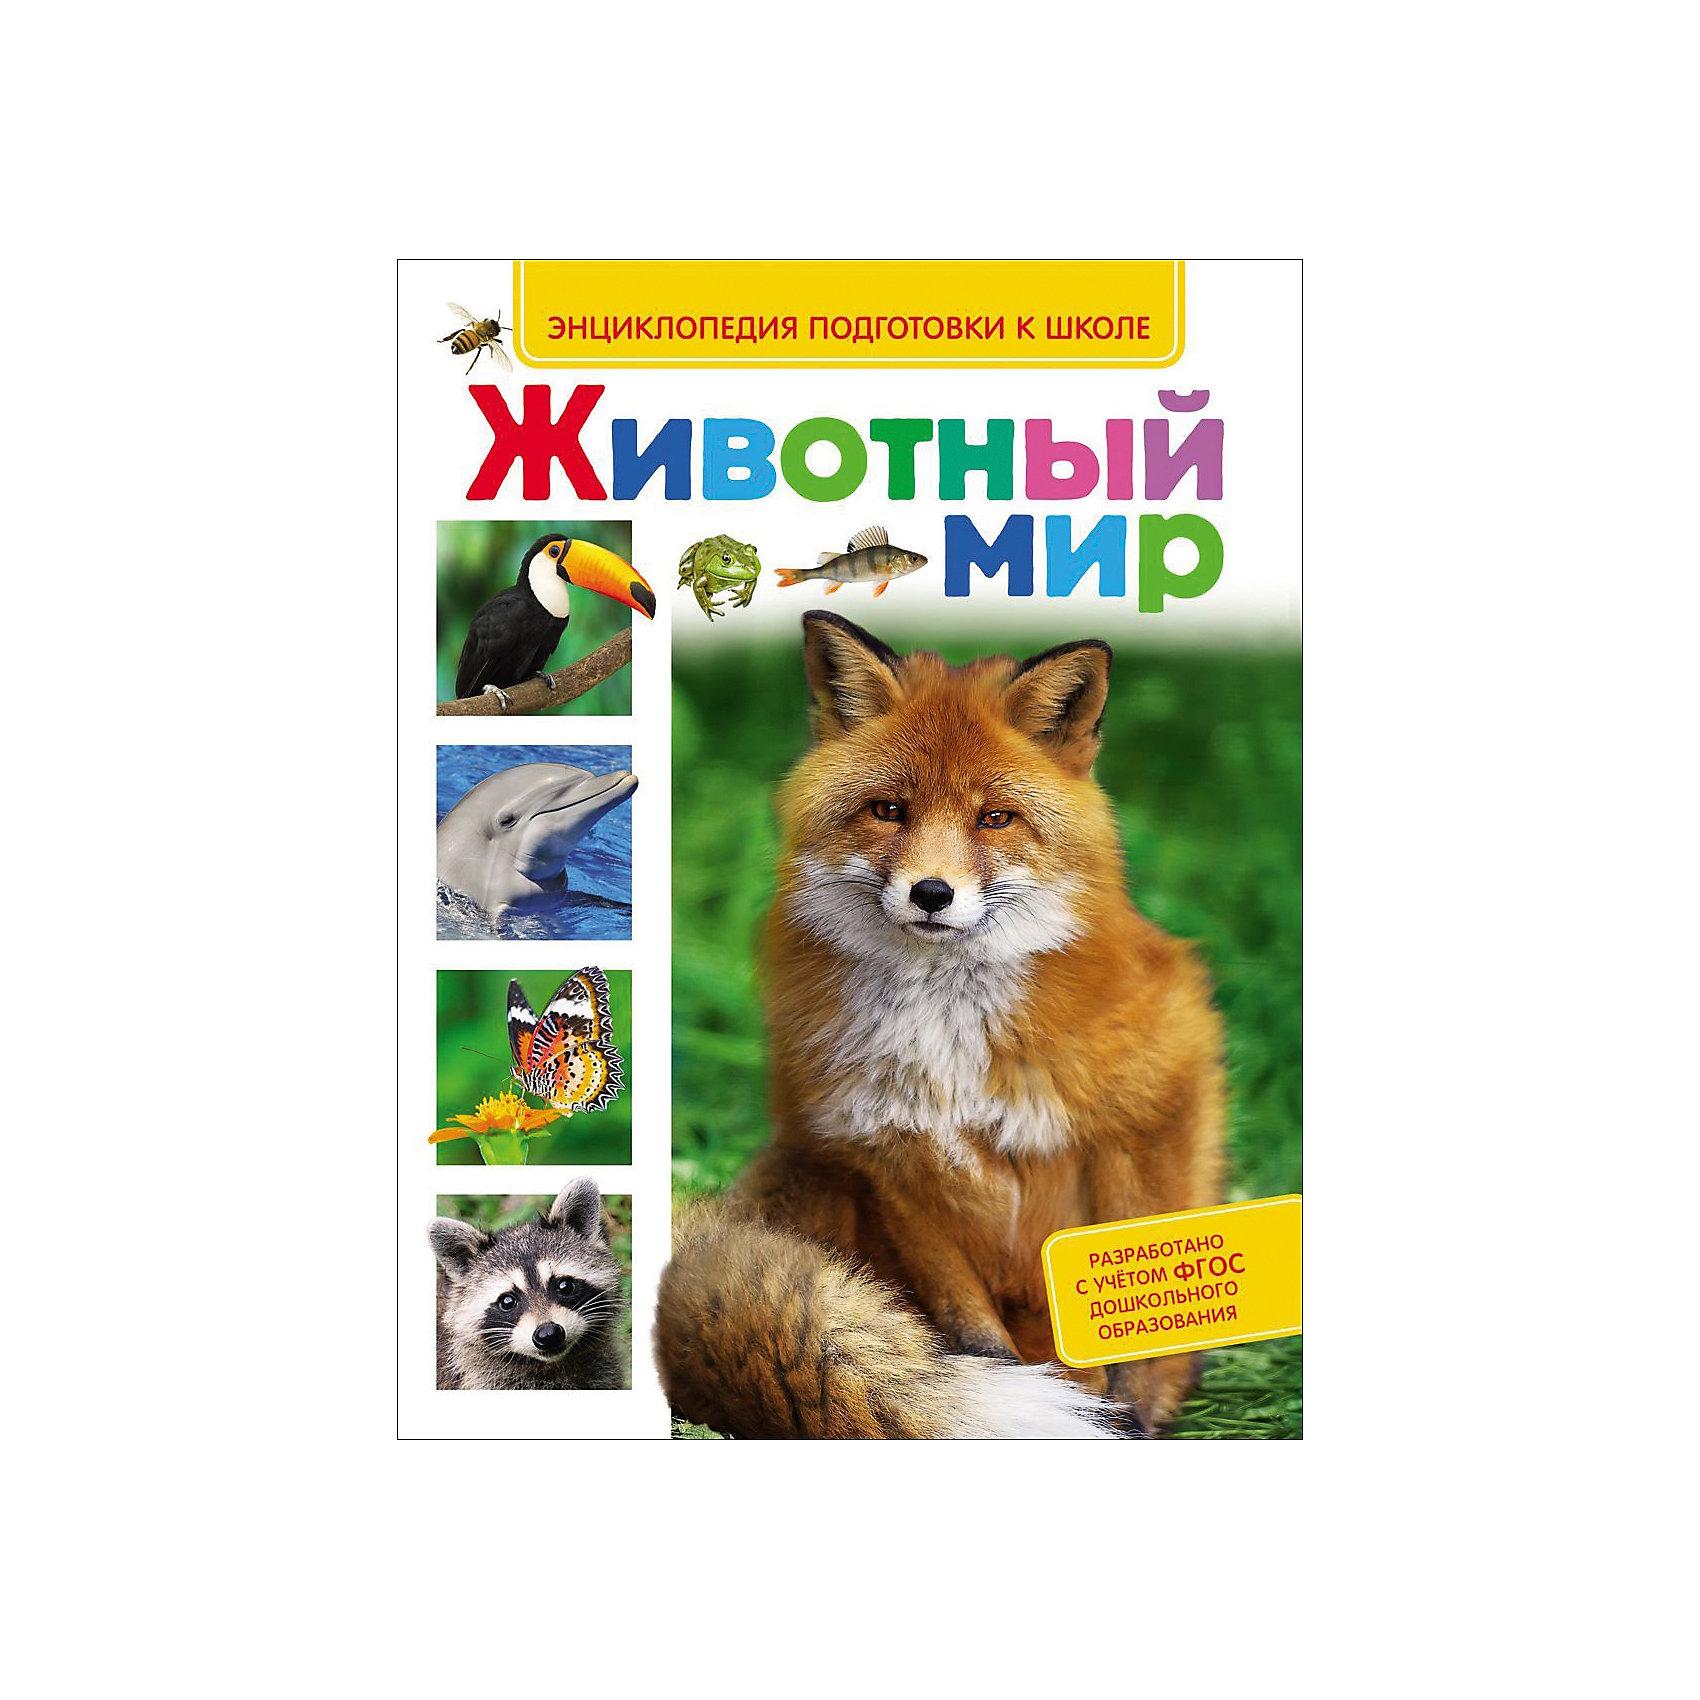 Энциклопедия подготовки к школе Животный мирХарактеристики товара:<br><br>- цвет: разноцветный;<br>- материал: бумага;<br>- страниц: 80;<br>- формат: 20 х 29 см;<br>- обложка: твердая;<br>- цветные иллюстрации.<br><br>Эта интересная книга с иллюстрациями станет отличным подарком для ребенка. Она содержит в себе яркие картинки, которые помогут малышам познакомиться со многими понятиями из окружающего мира, а также пояснения к ним. В книге - море полезной информации для ребенка!<br>Чтение и рассматривание картинок помогает ребенку развивать зрительную память, концентрацию внимания и воображение. Издание произведено из качественных материалов, которые безопасны даже для самых маленьких.<br><br>Издание Энциклопедия подготовки к школе Животный мир от компании Росмэн можно купить в нашем интернет-магазине.<br><br>Ширина мм: 262<br>Глубина мм: 200<br>Высота мм: 10<br>Вес г: 415<br>Возраст от месяцев: 60<br>Возраст до месяцев: 84<br>Пол: Унисекс<br>Возраст: Детский<br>SKU: 5110183